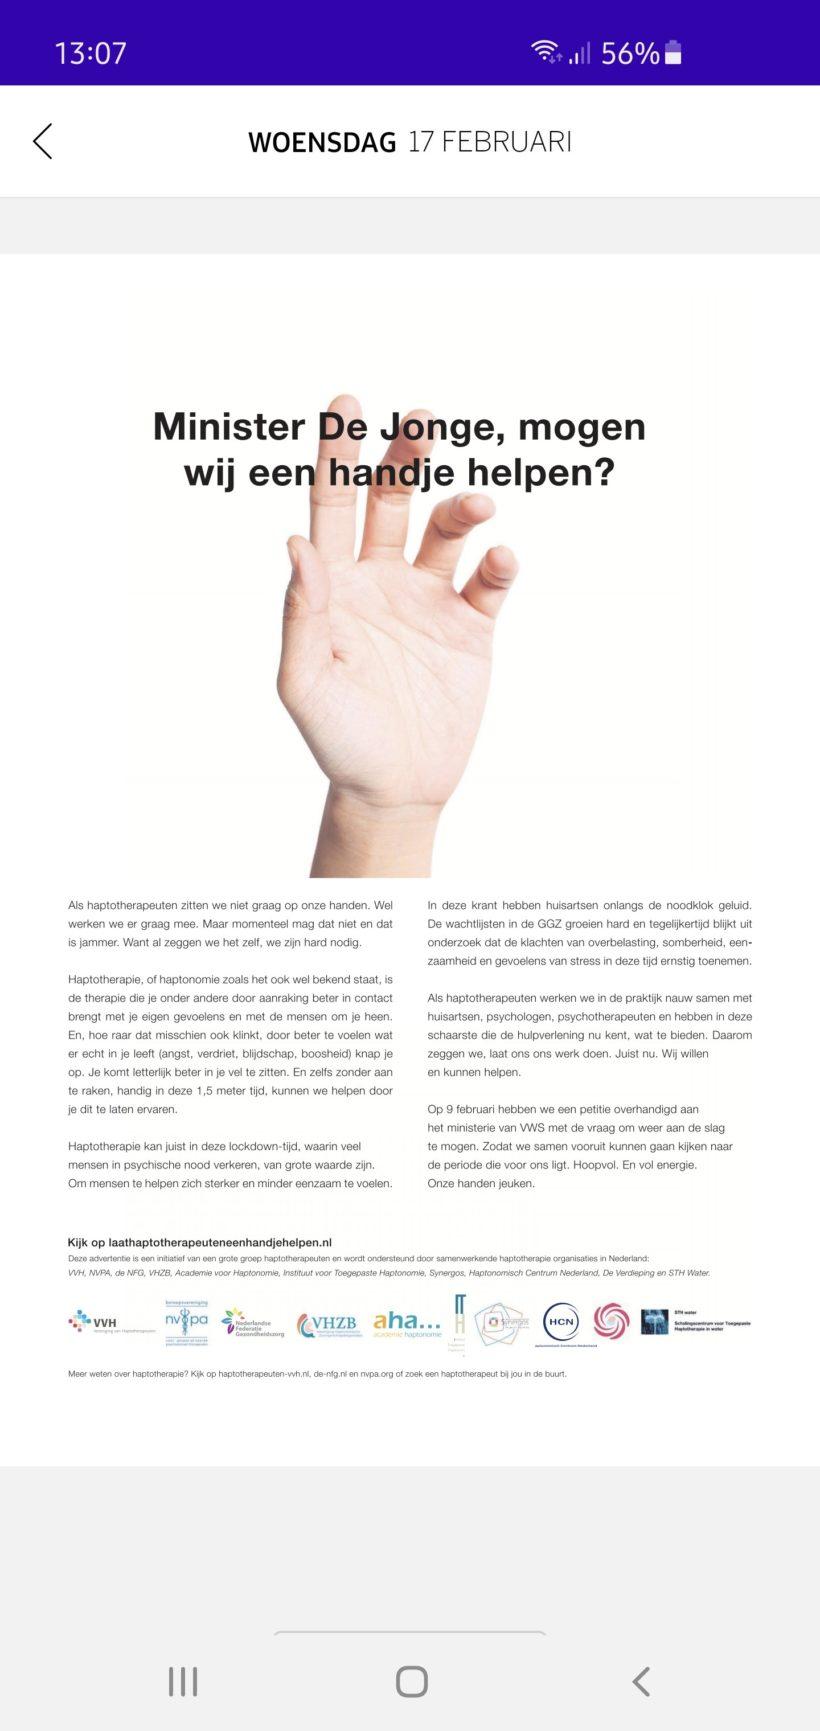 Haptotherapeuten willen helpen